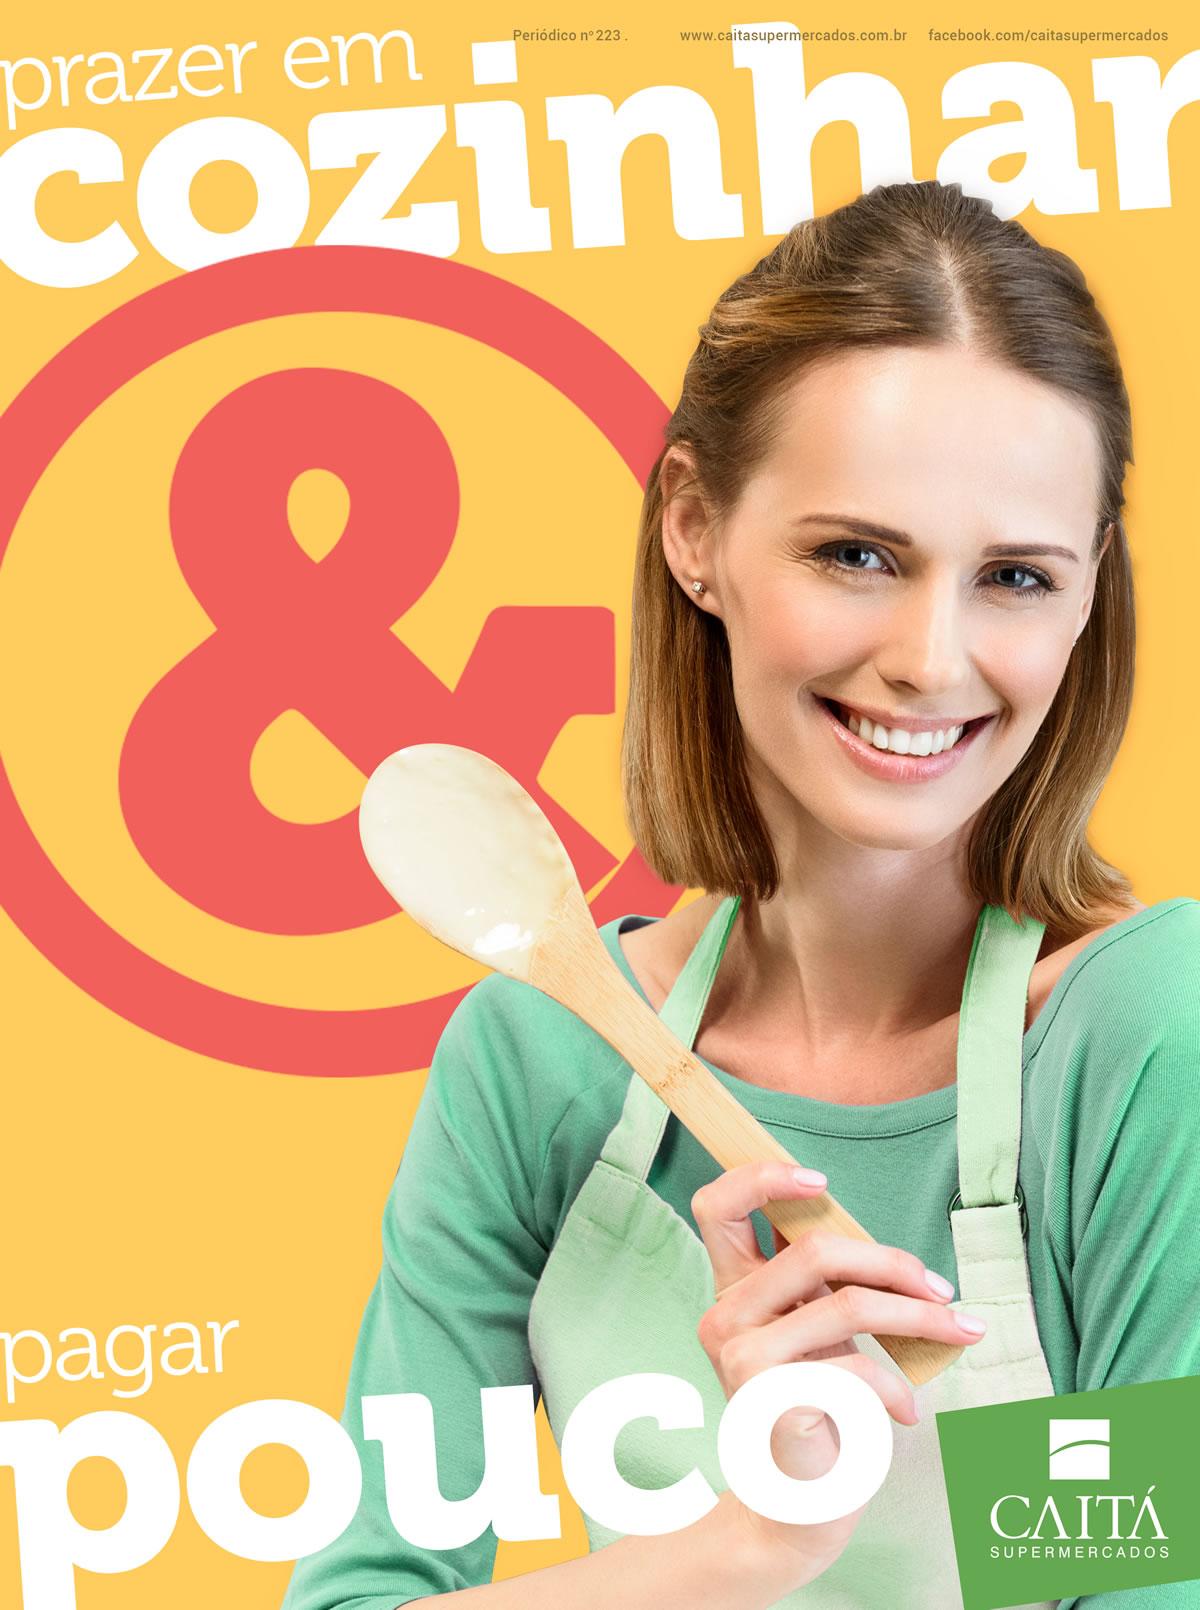 caita_supermercados_tabloide_abril_concordia_01